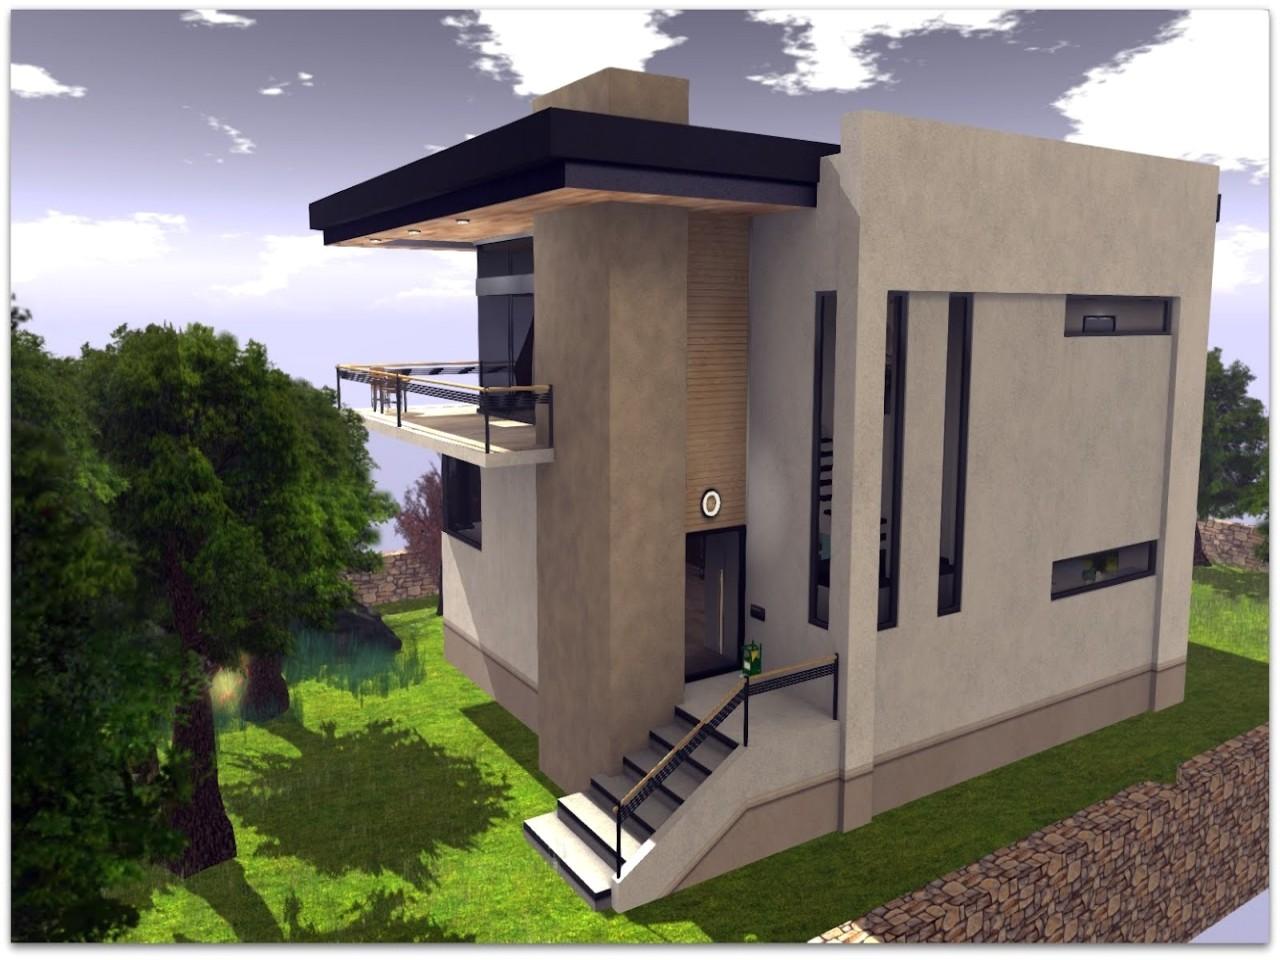 ed3ec04225d33a74 concrete block house small modern concrete house plans